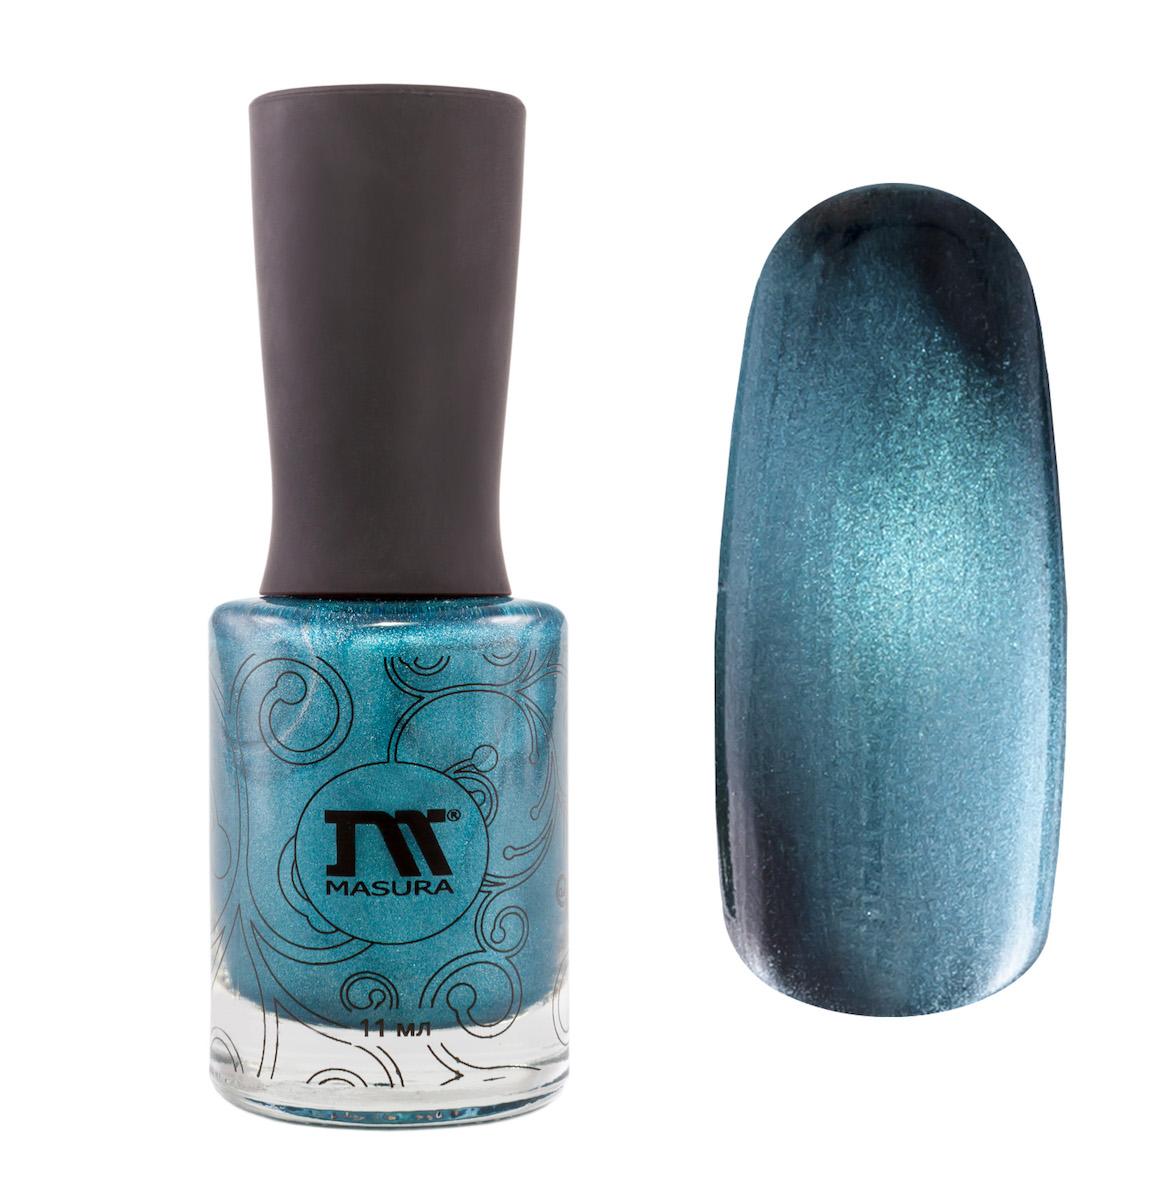 Masura Лак для ногтей Небесный Сапфир, 11 мл904-119небесно-синийКак ухаживать за ногтями: советы эксперта. Статья OZON Гид